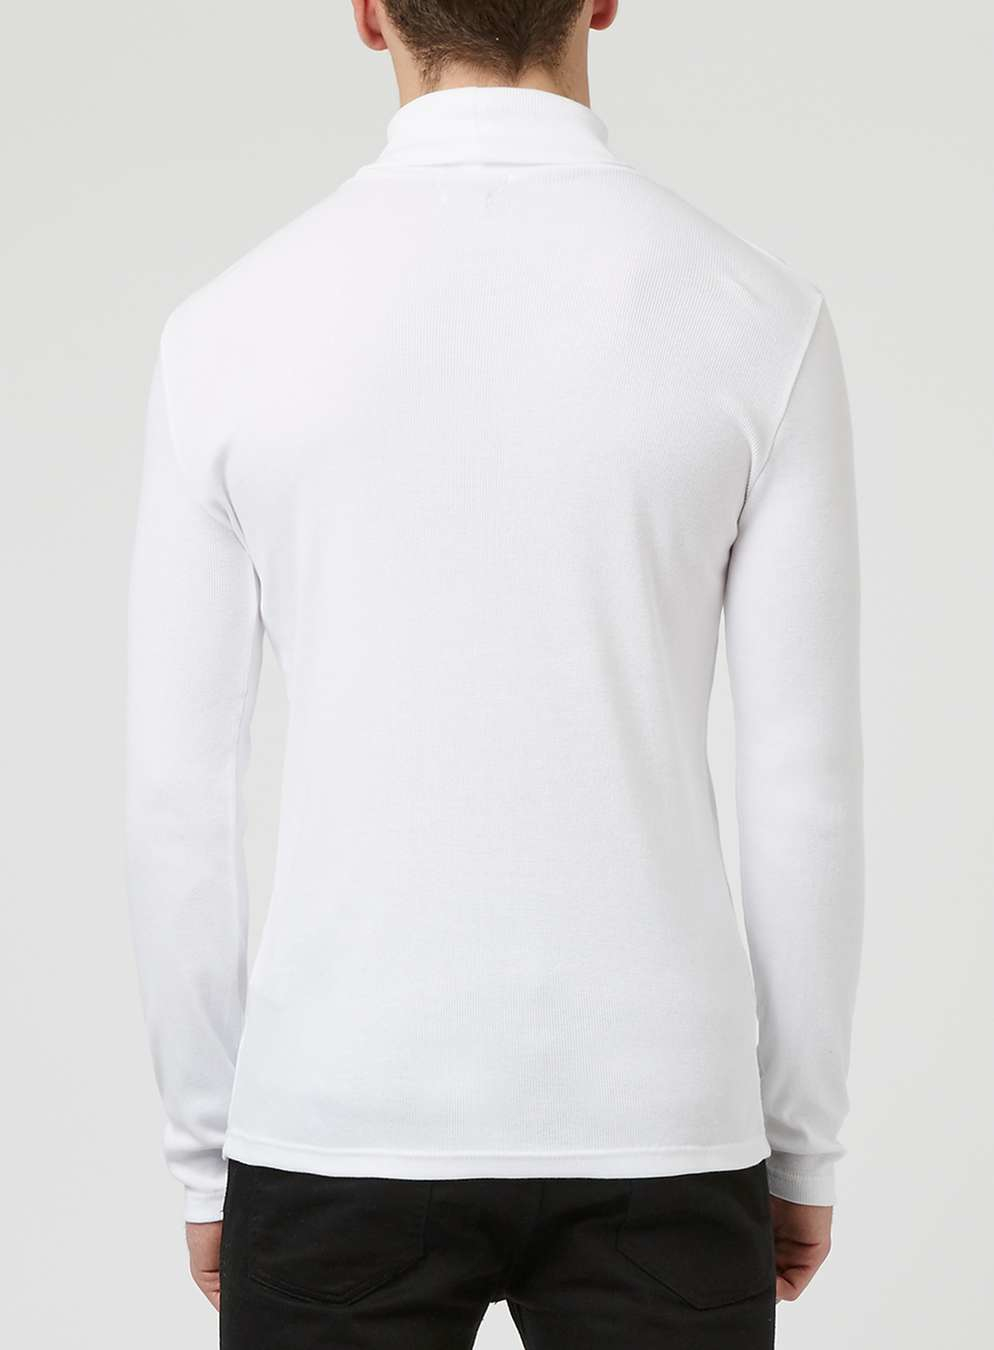 Topman White Roll Neck Sleeve T Shirt In White For Men Lyst